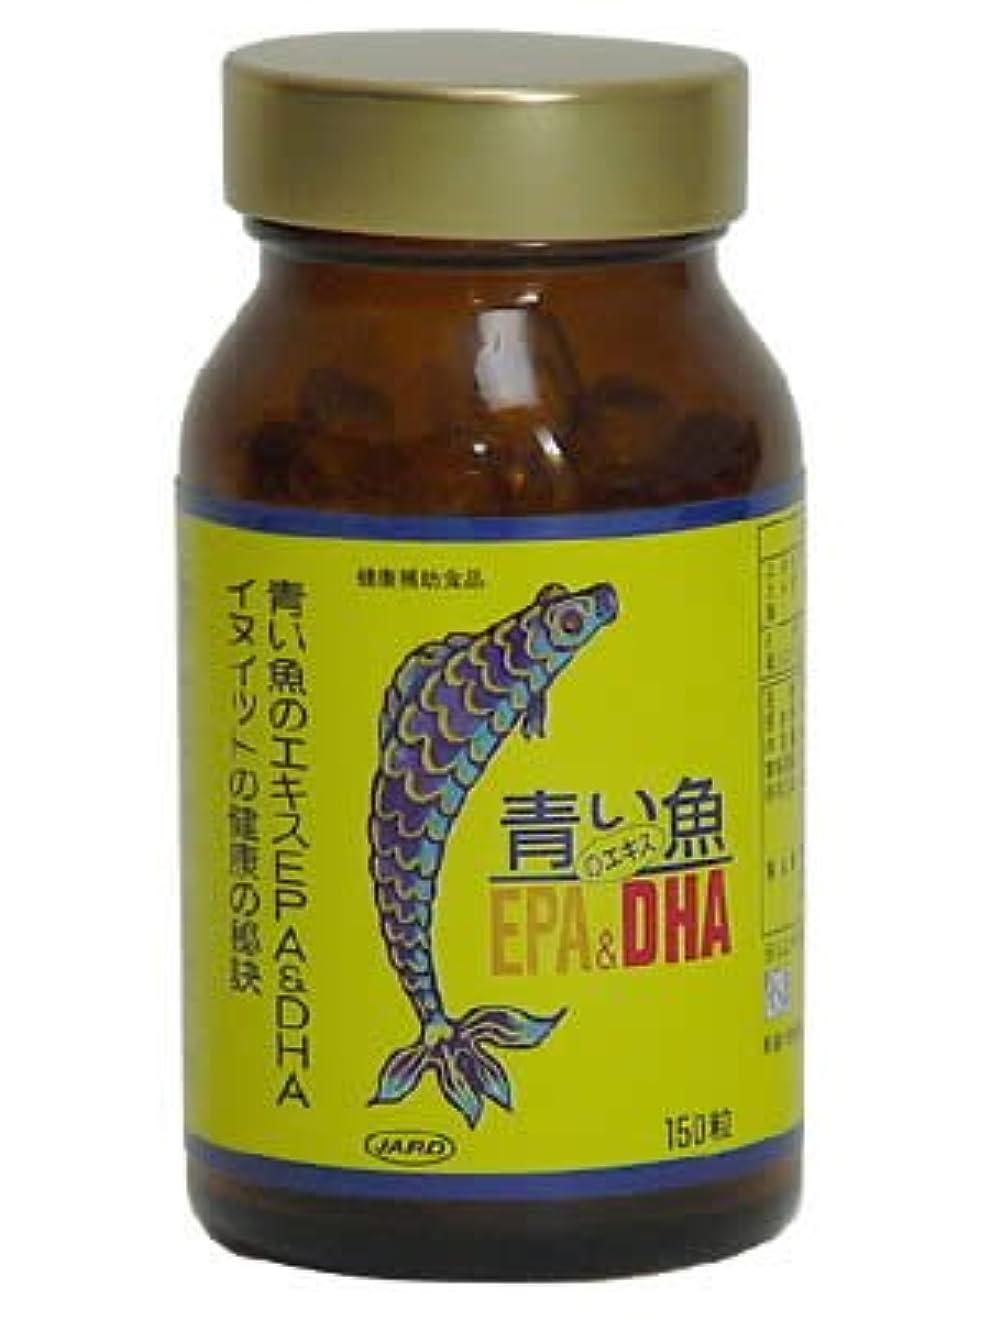 有彩色のコース移動青い魚のエキスEPA&DHA【6本セット】ジャード